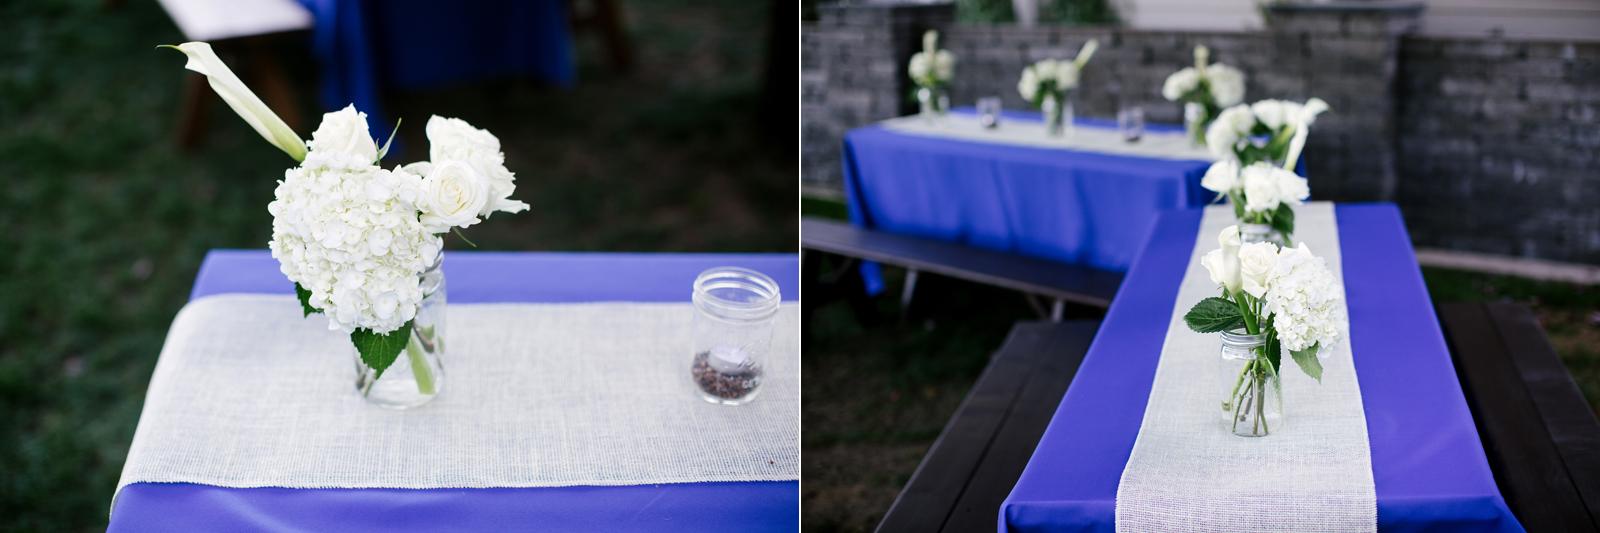 018-daronjackson-rich-wedding.jpg